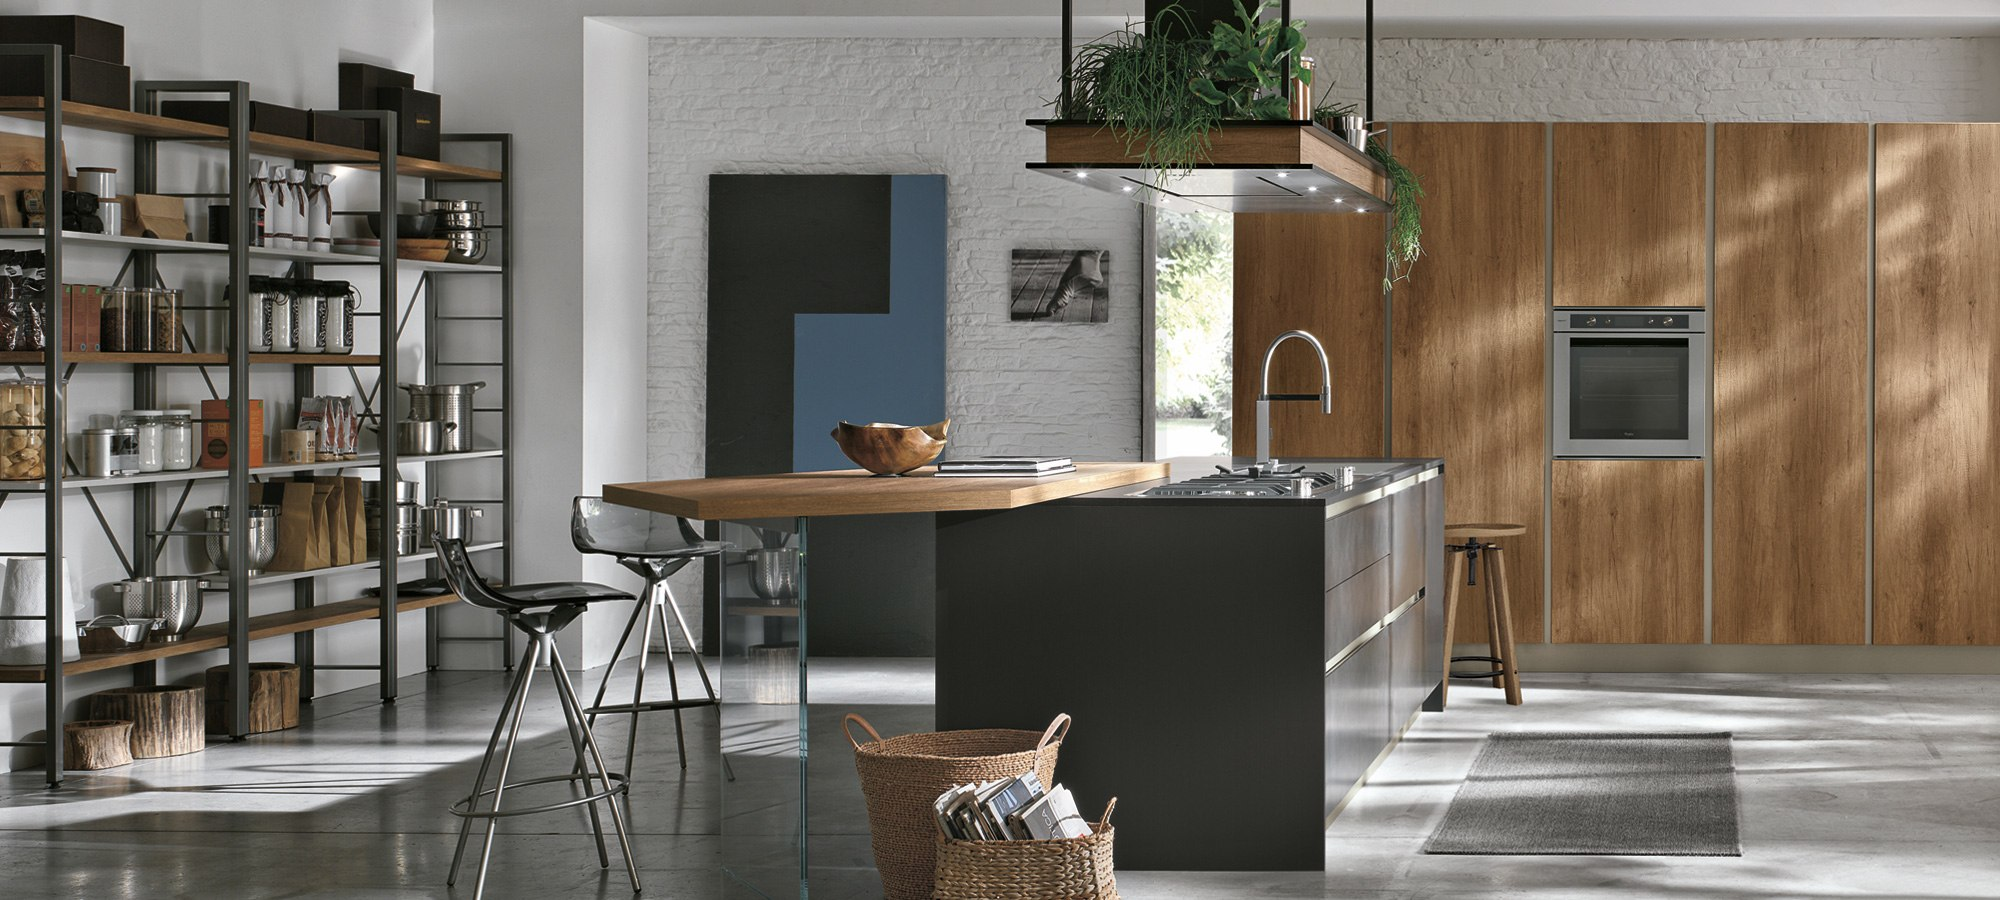 Infinity - Adda Möbel - die beste Möbel aus Italien